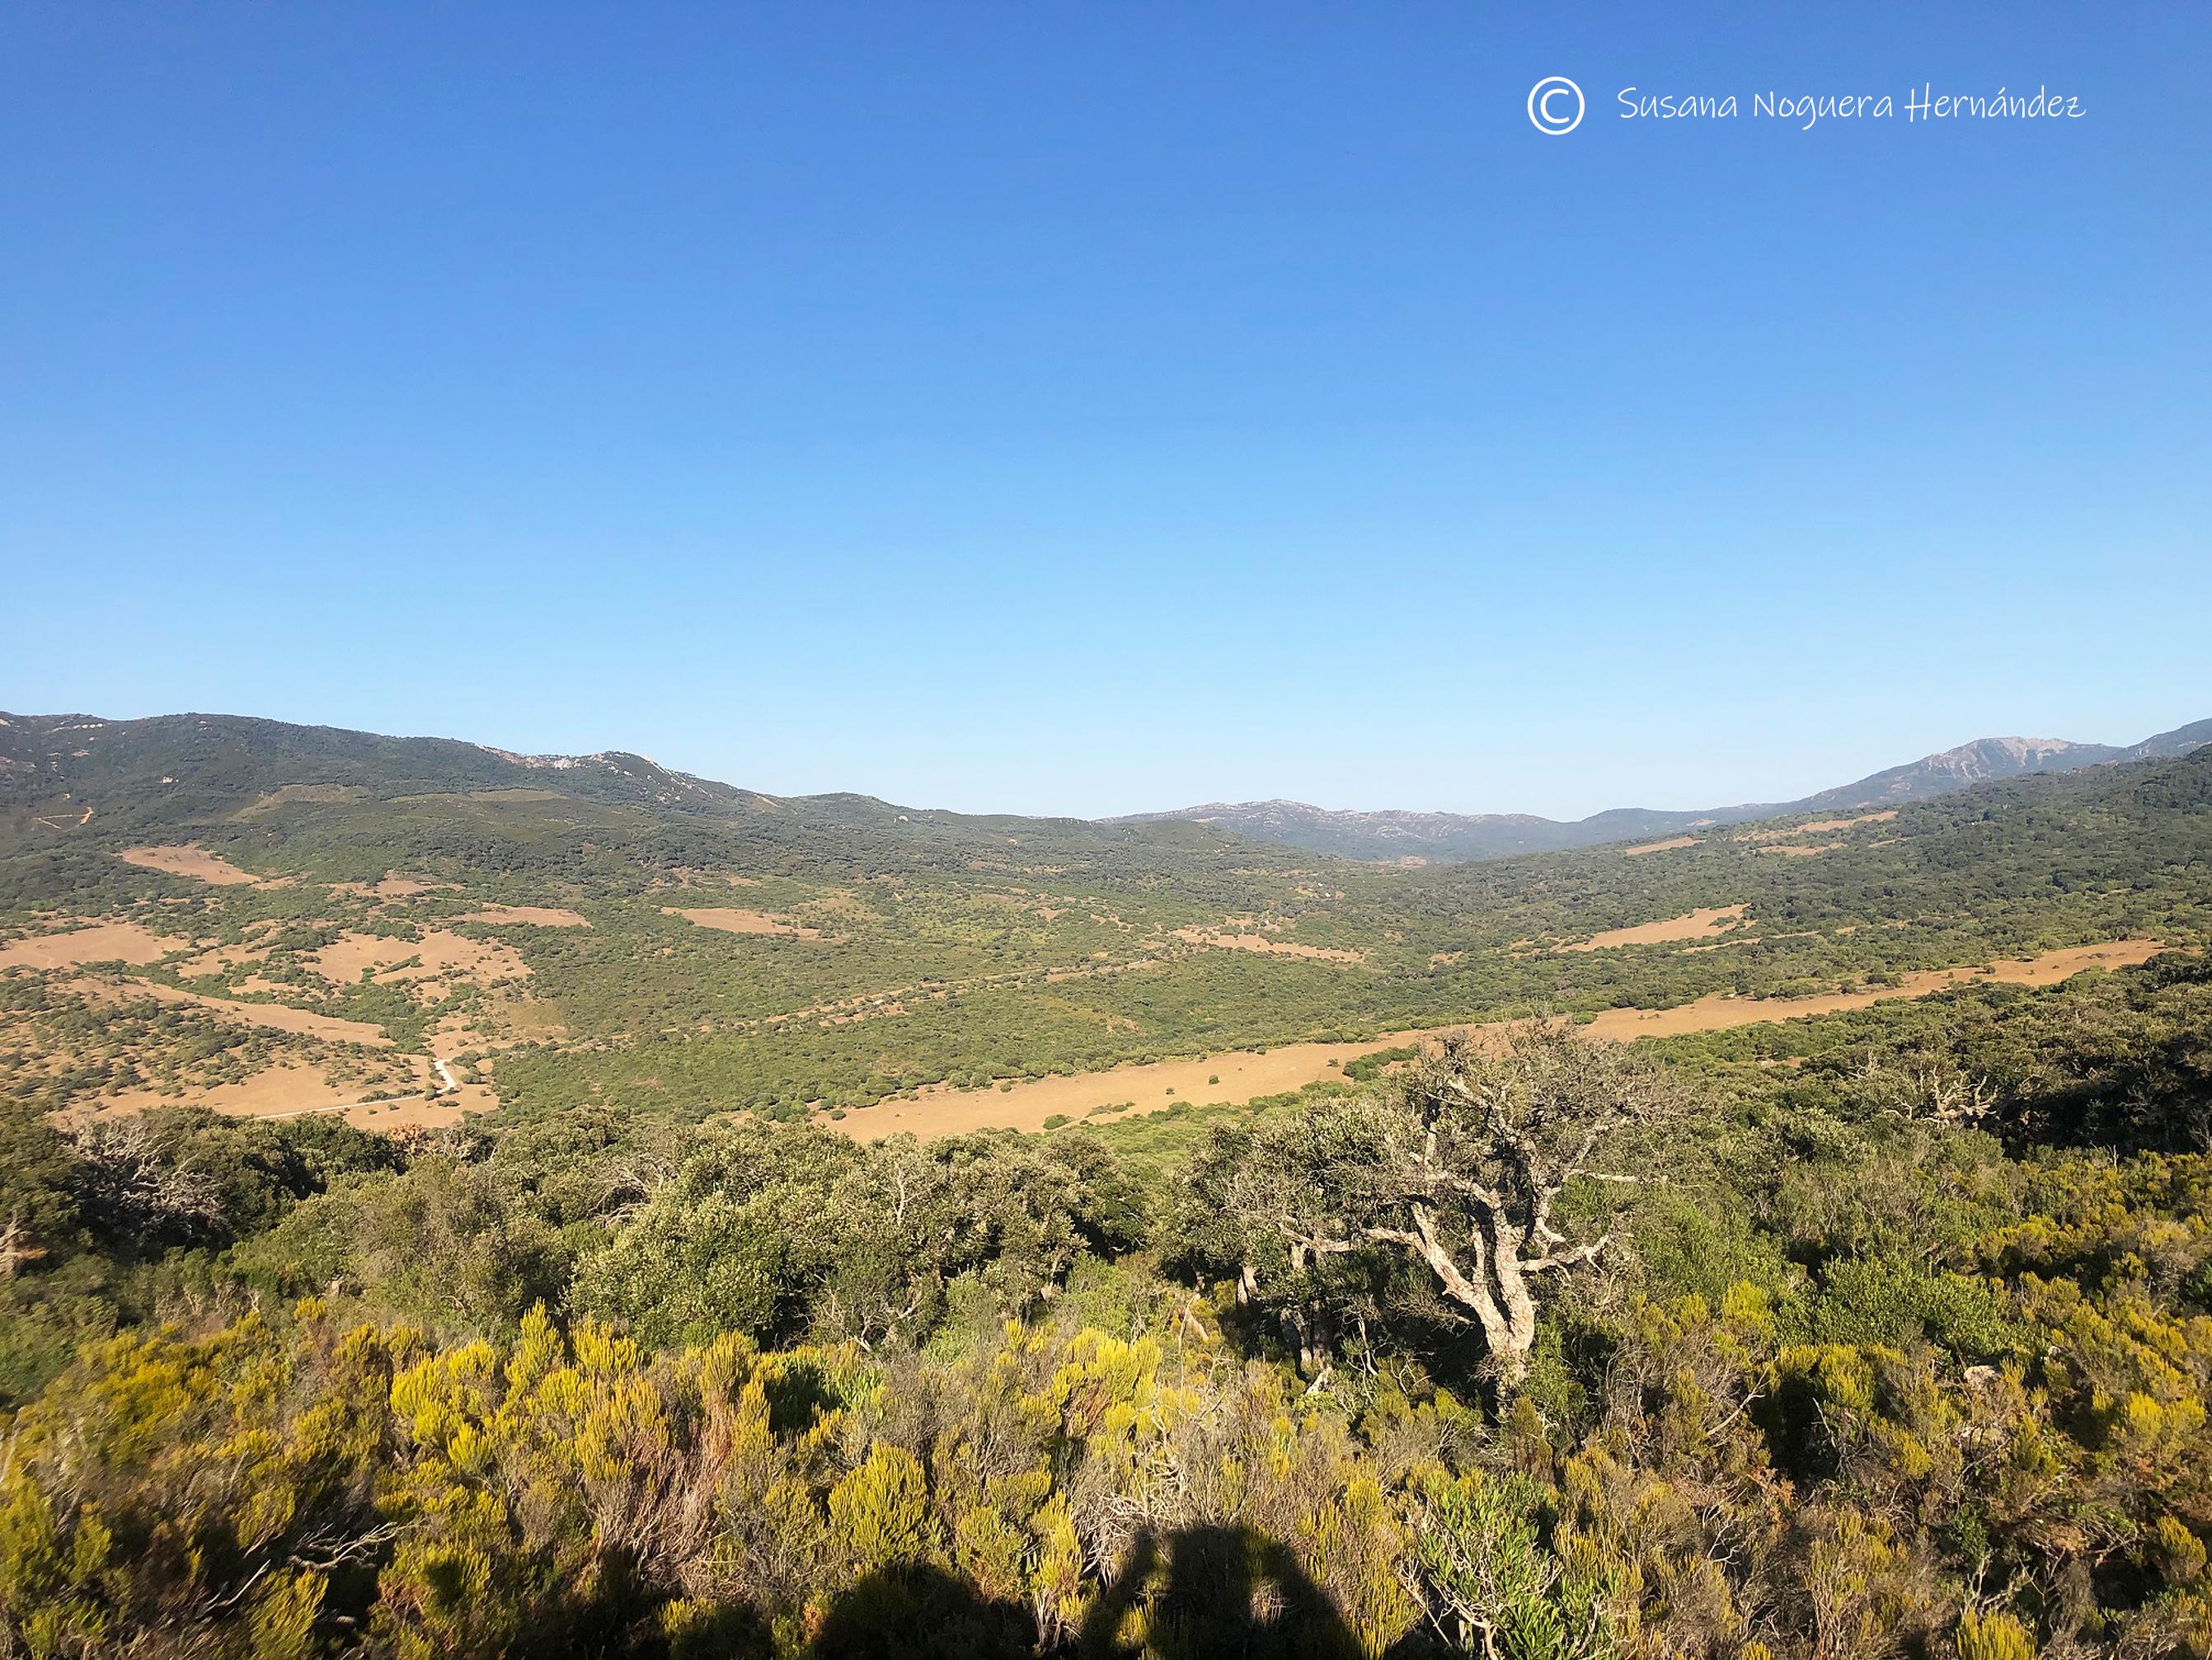 Parque Natural de Los Alcornocales, uno de los parajes donde se producen 'tapones de aves'. Imagen: Susana Noguera